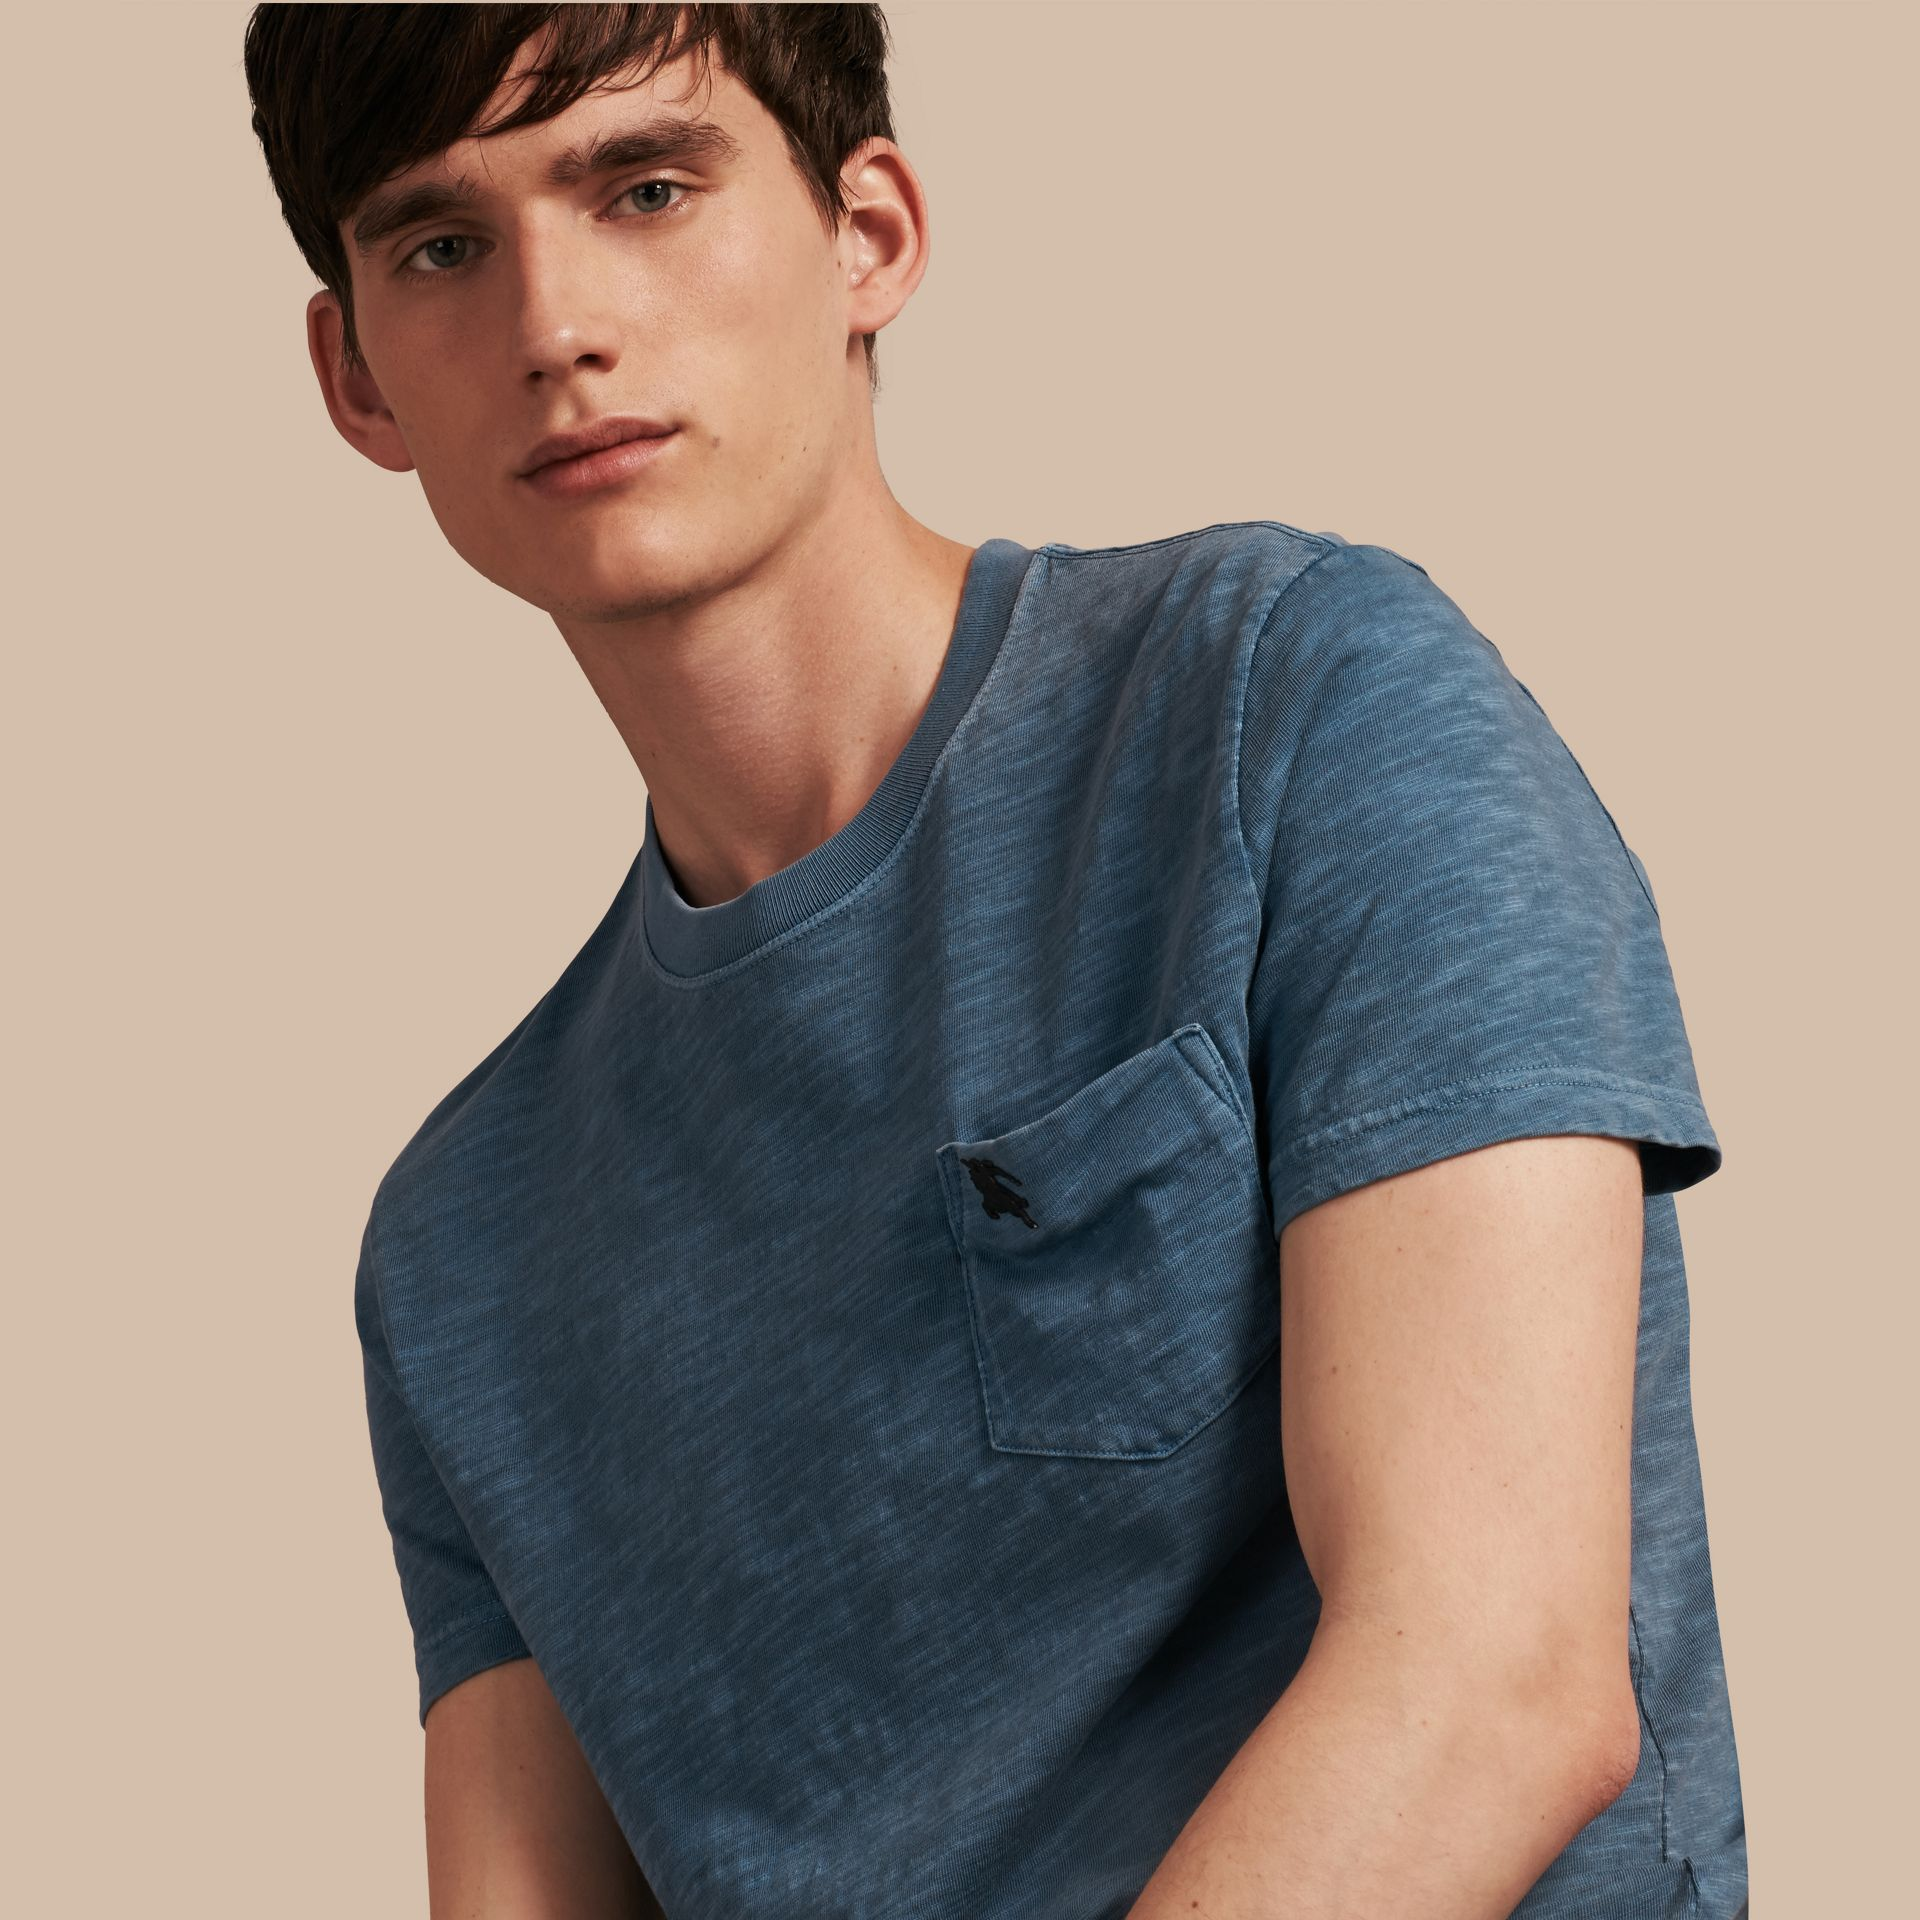 Bleu lupin T-shirt en jersey flammé double teinture Bleu Lupin - photo de la galerie 1